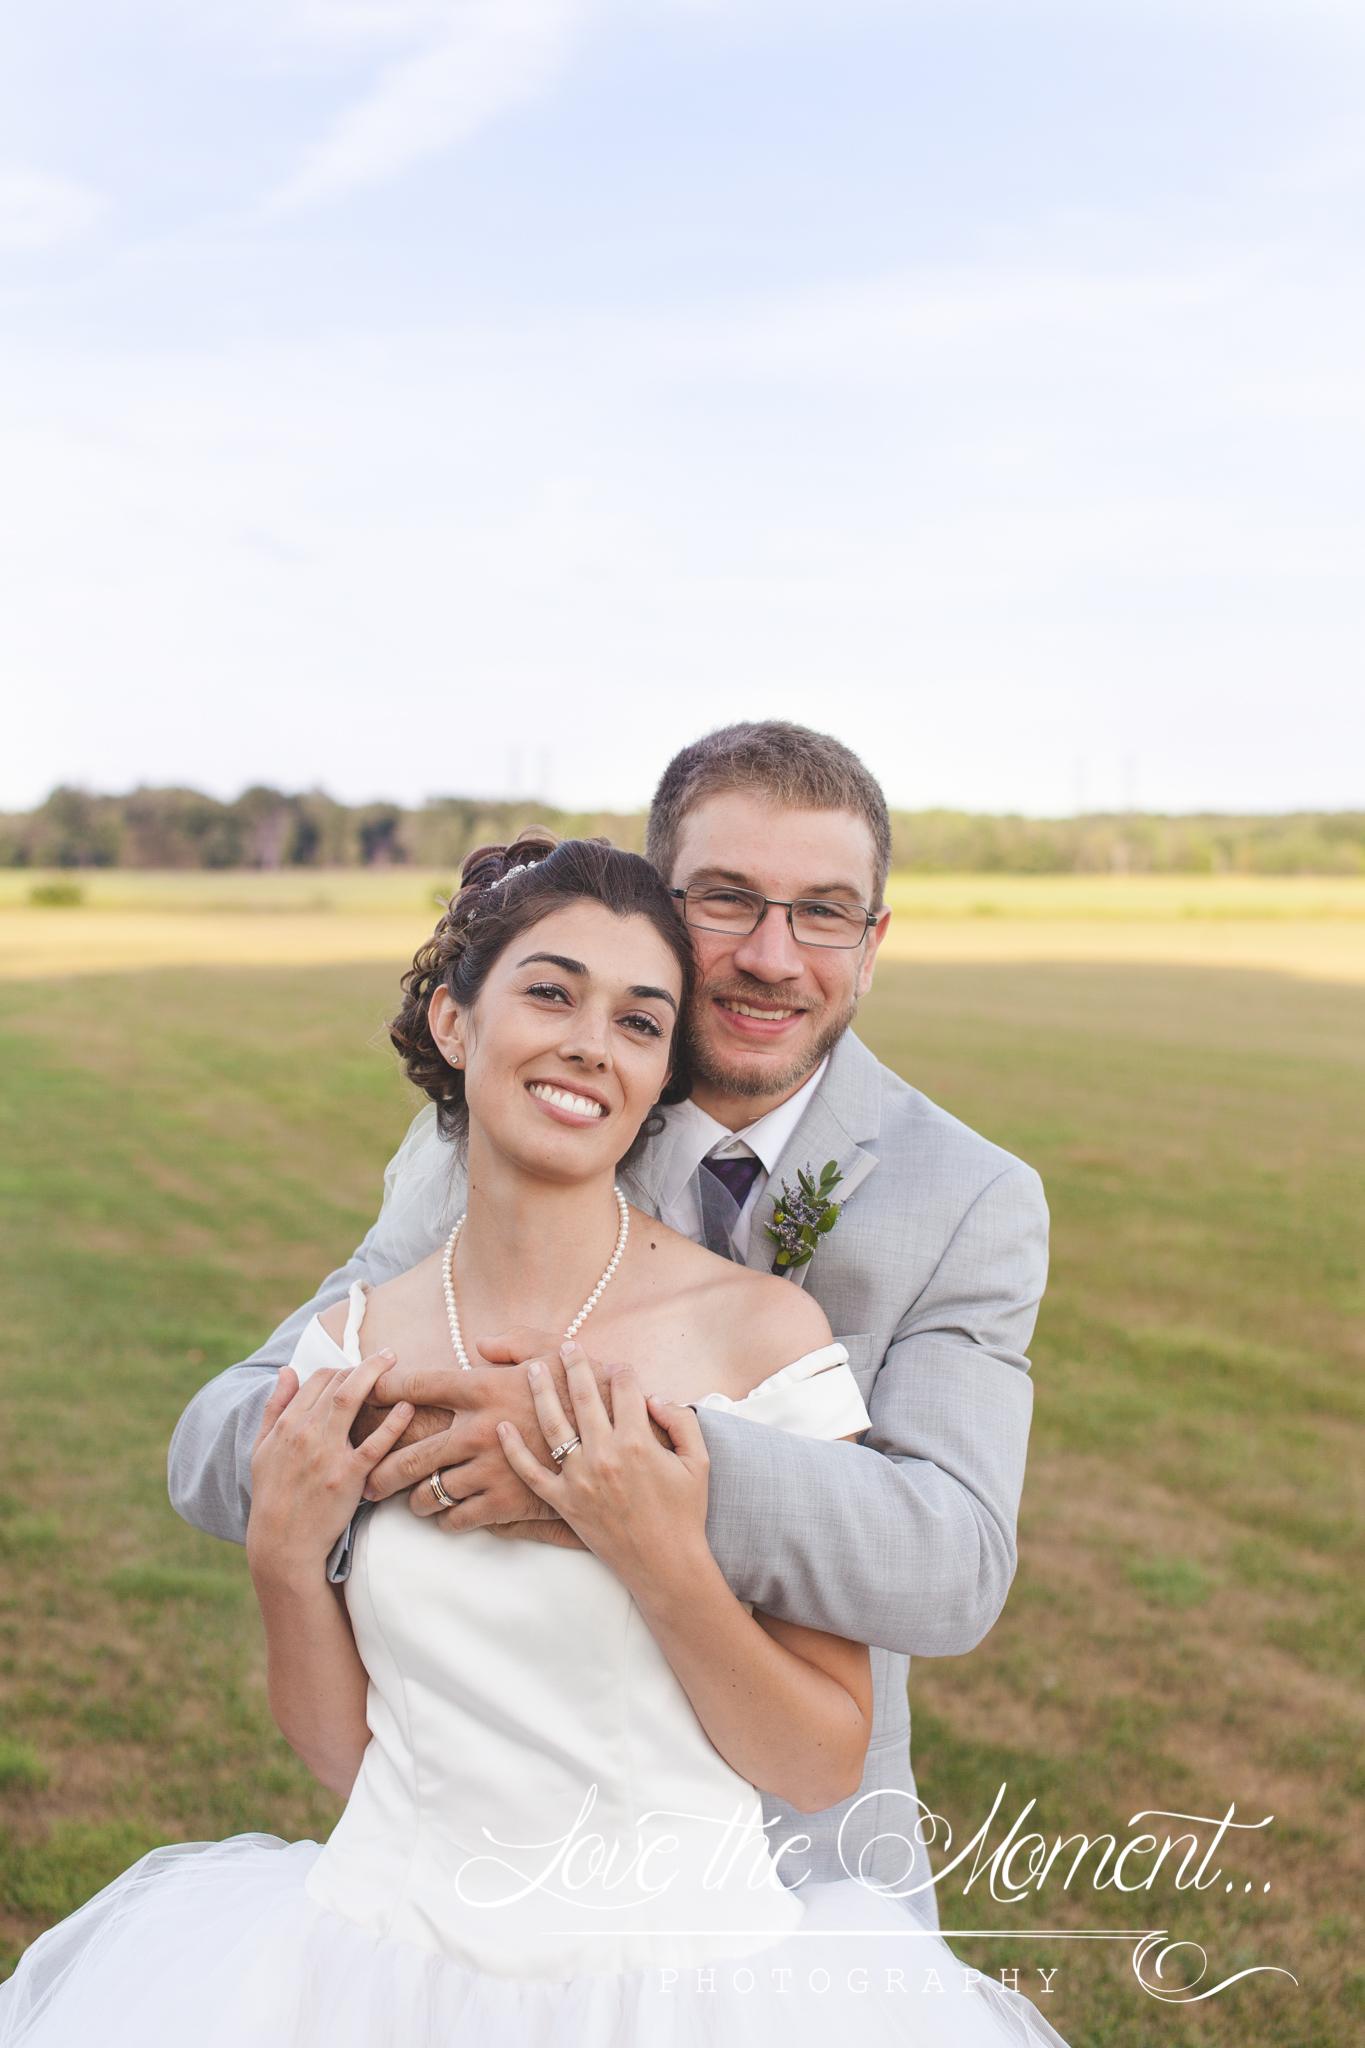 Graeme And Rachel July 2016- Whimsical Backyard Wedding